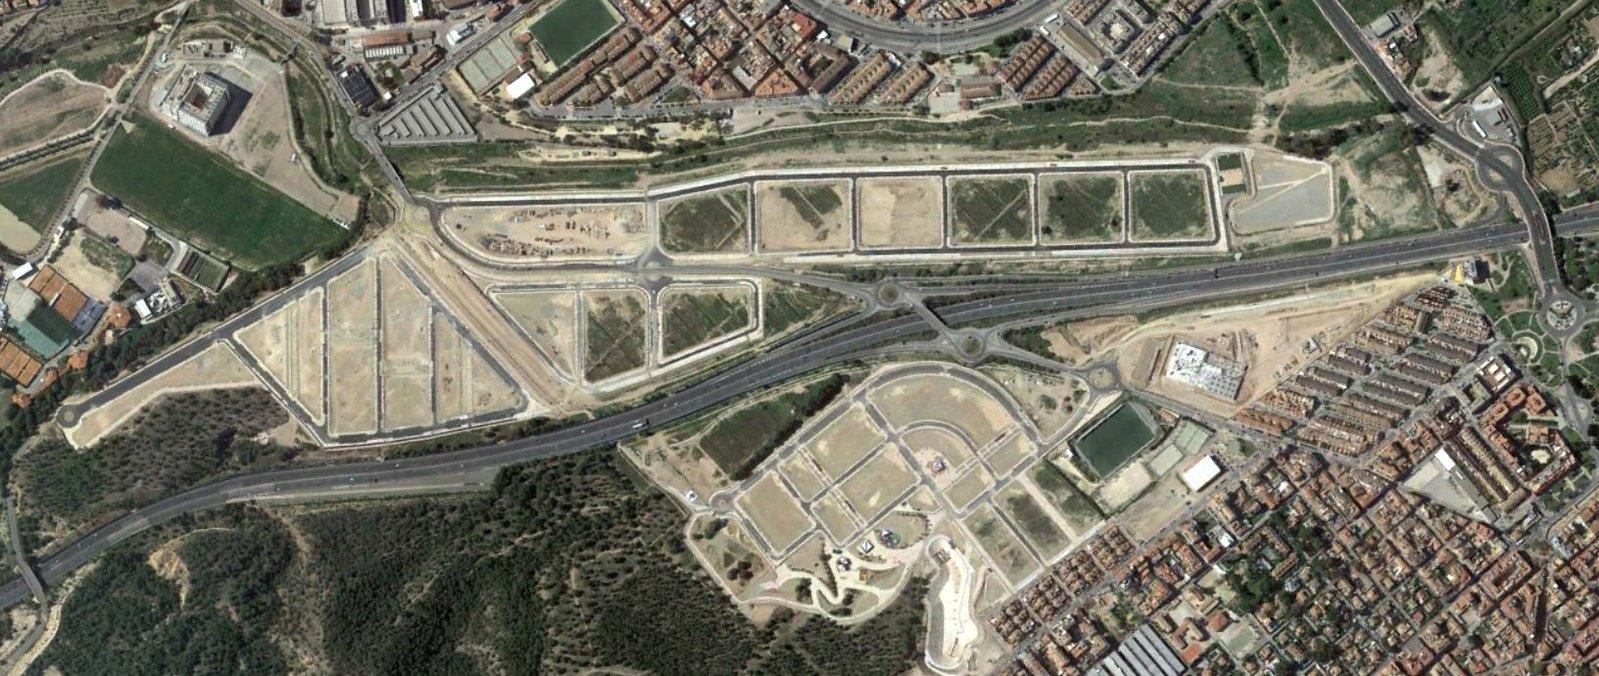 el palmar, la alberca, murcia, doble tanto de rotonda, después, urbanismo, planeamiento, urbano, desastre, urbanístico, construcción, rotondas, carretera